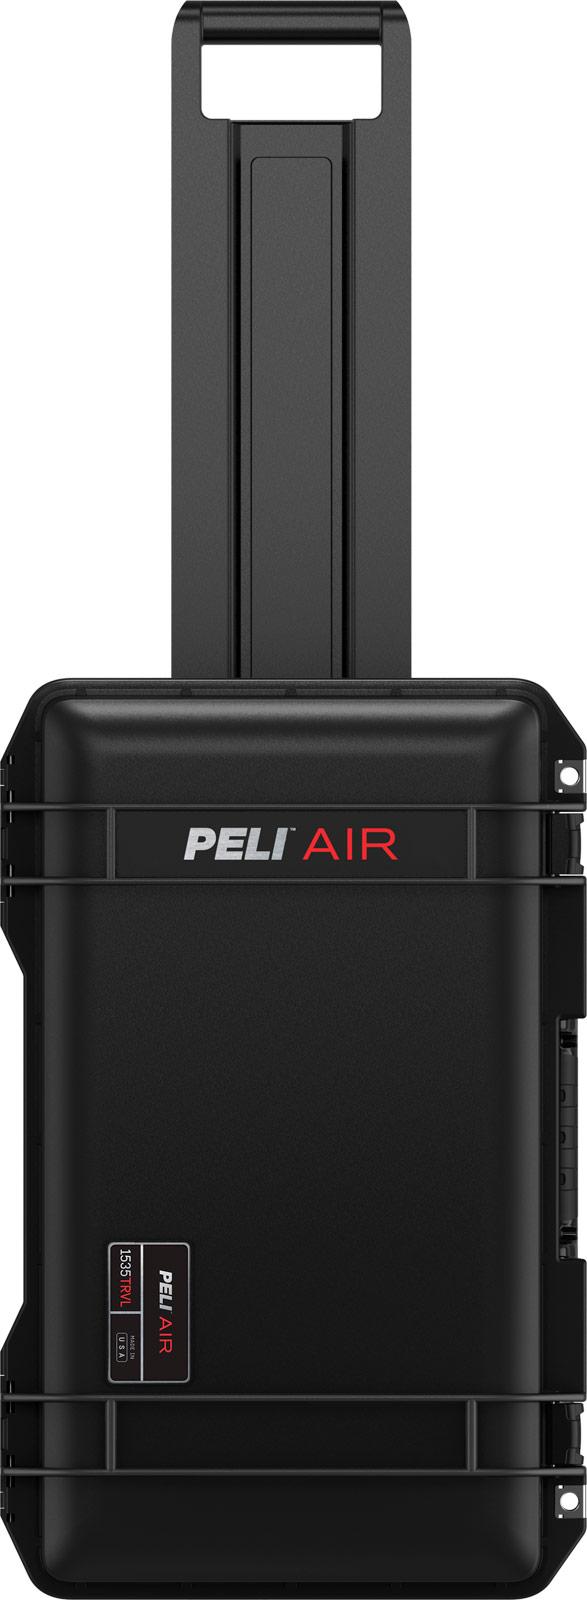 peli 1535 air travel rolling case